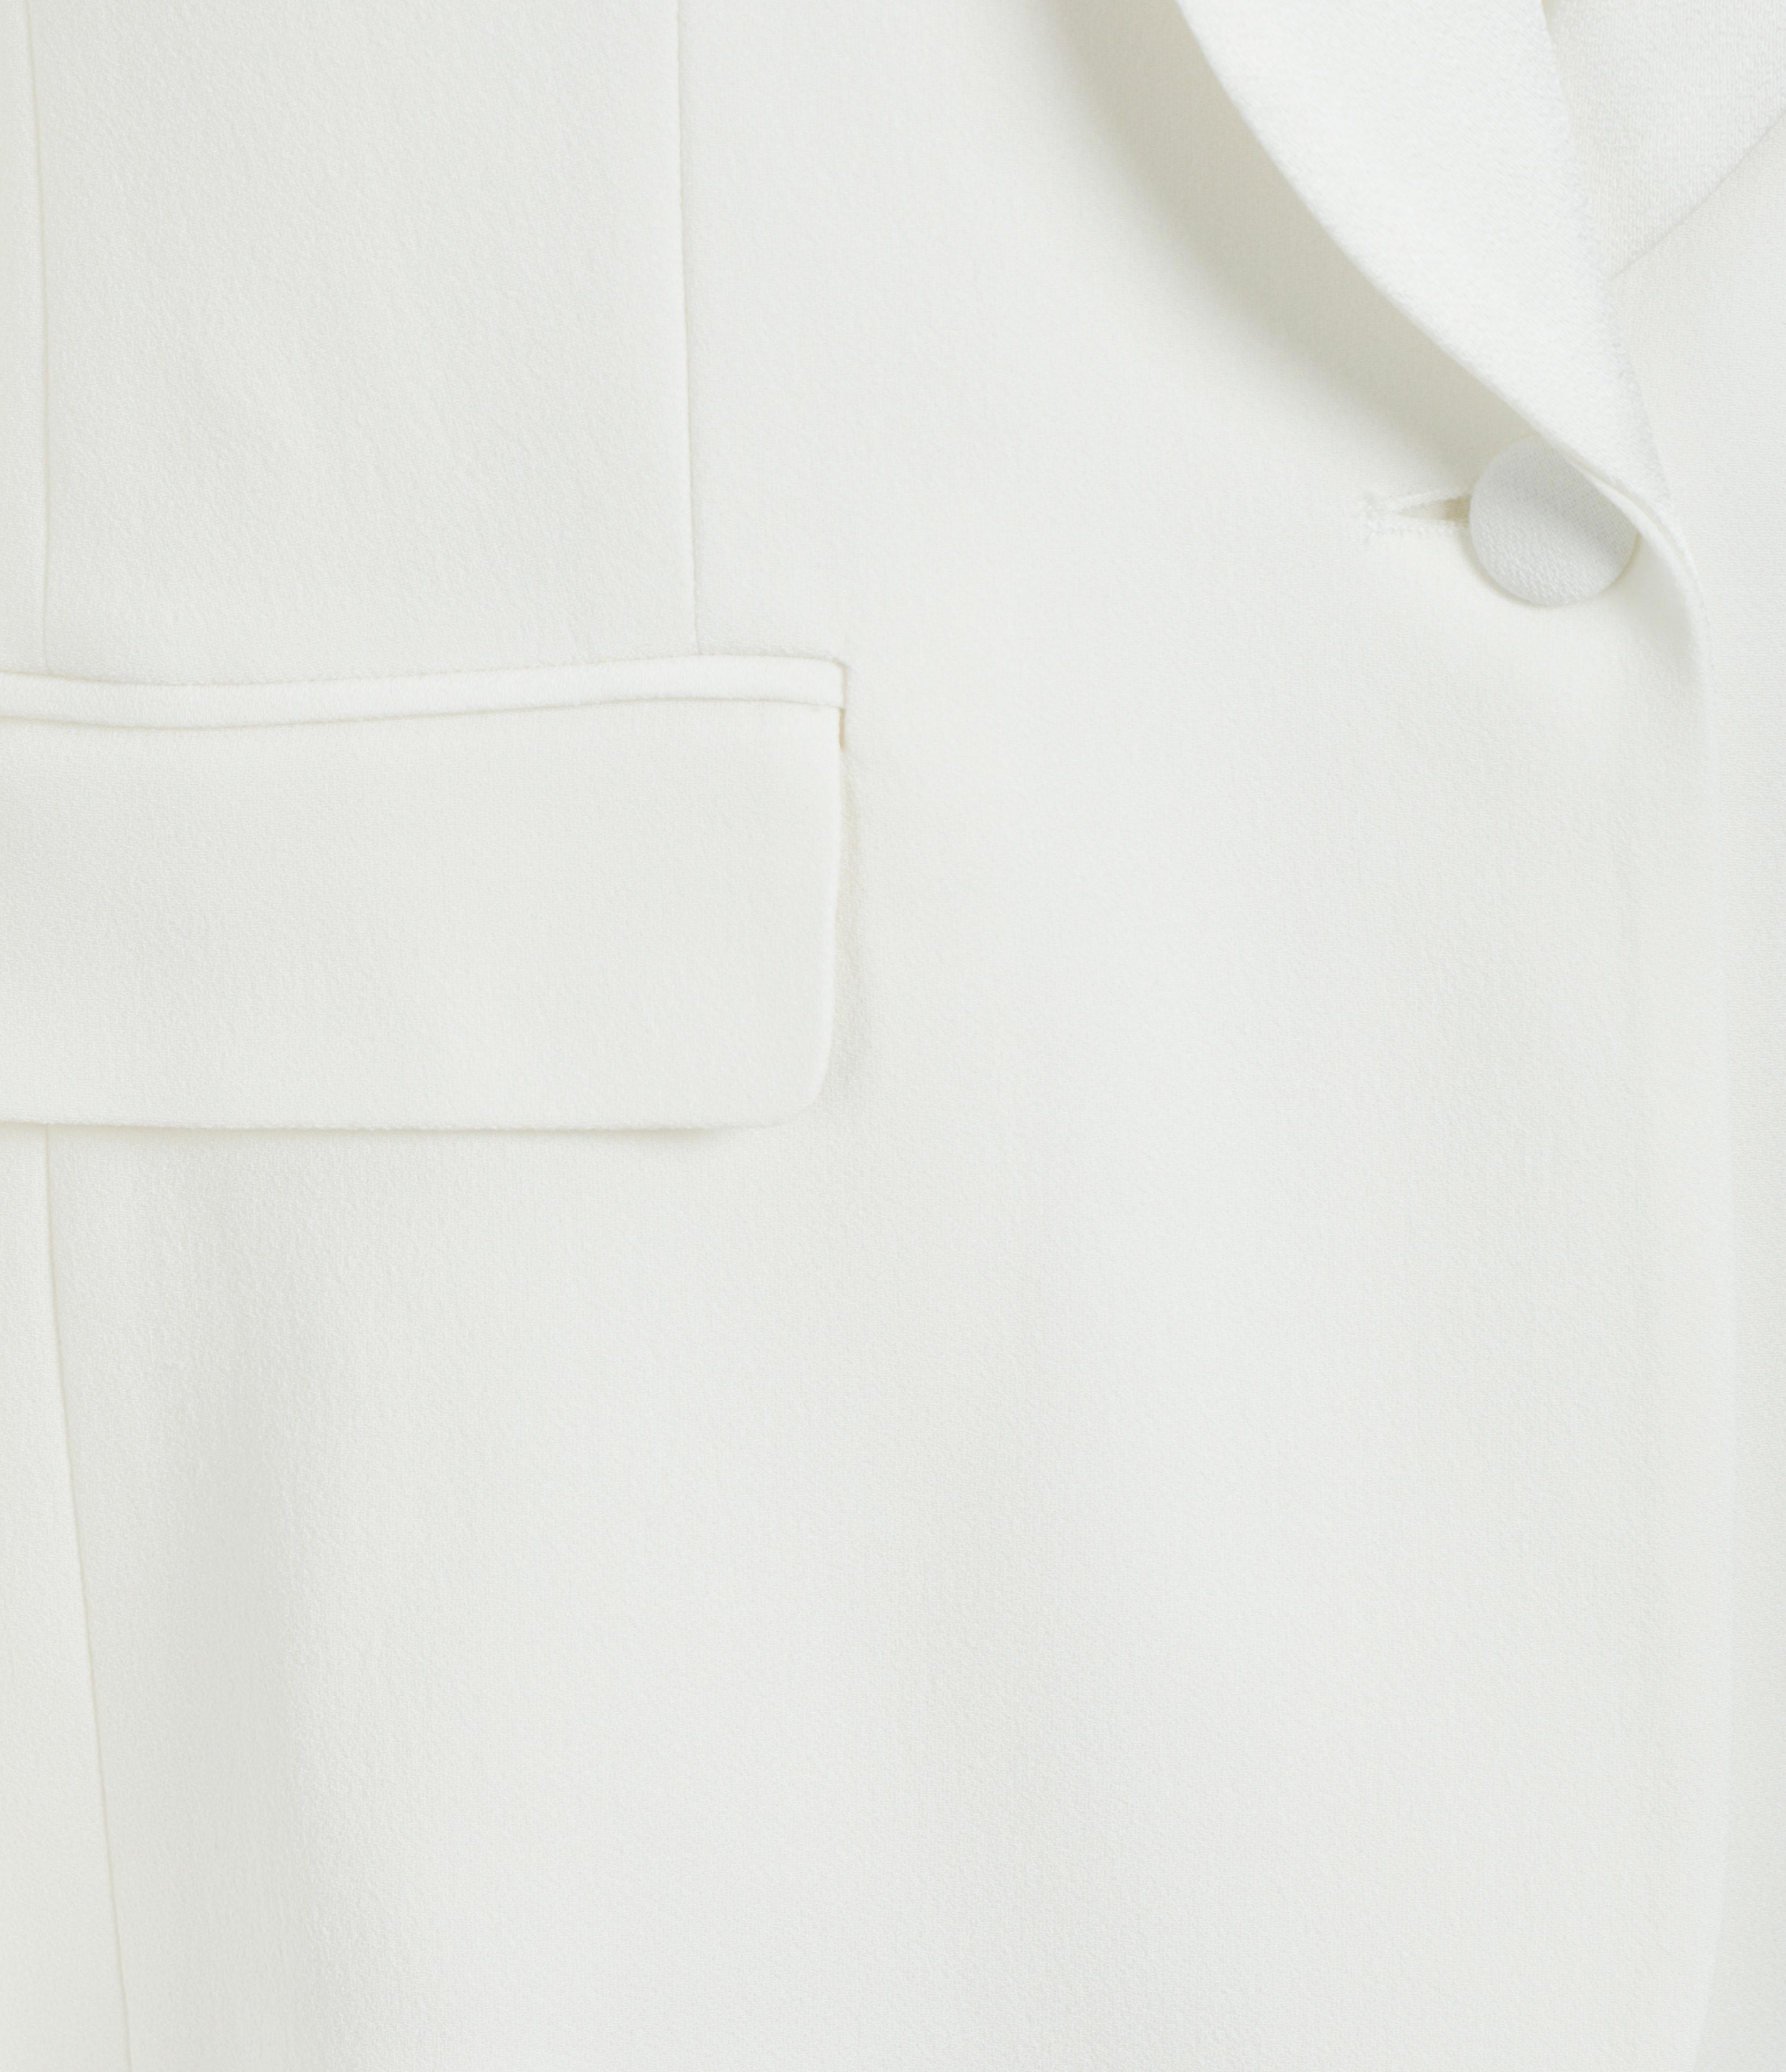 MAISON SARAH LAVOINE - Veste Smoking France Blanc